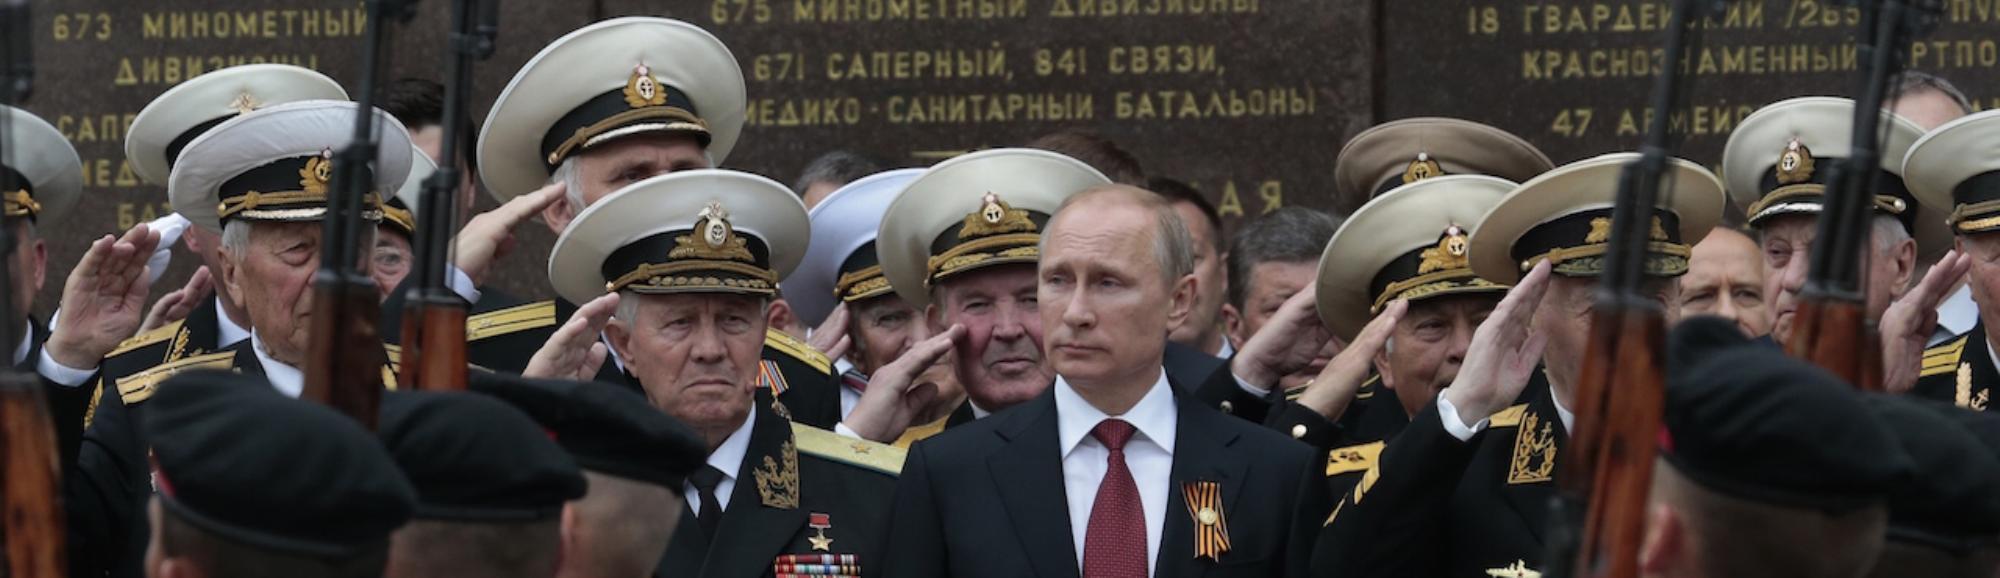 حضور روسیه در سوریه